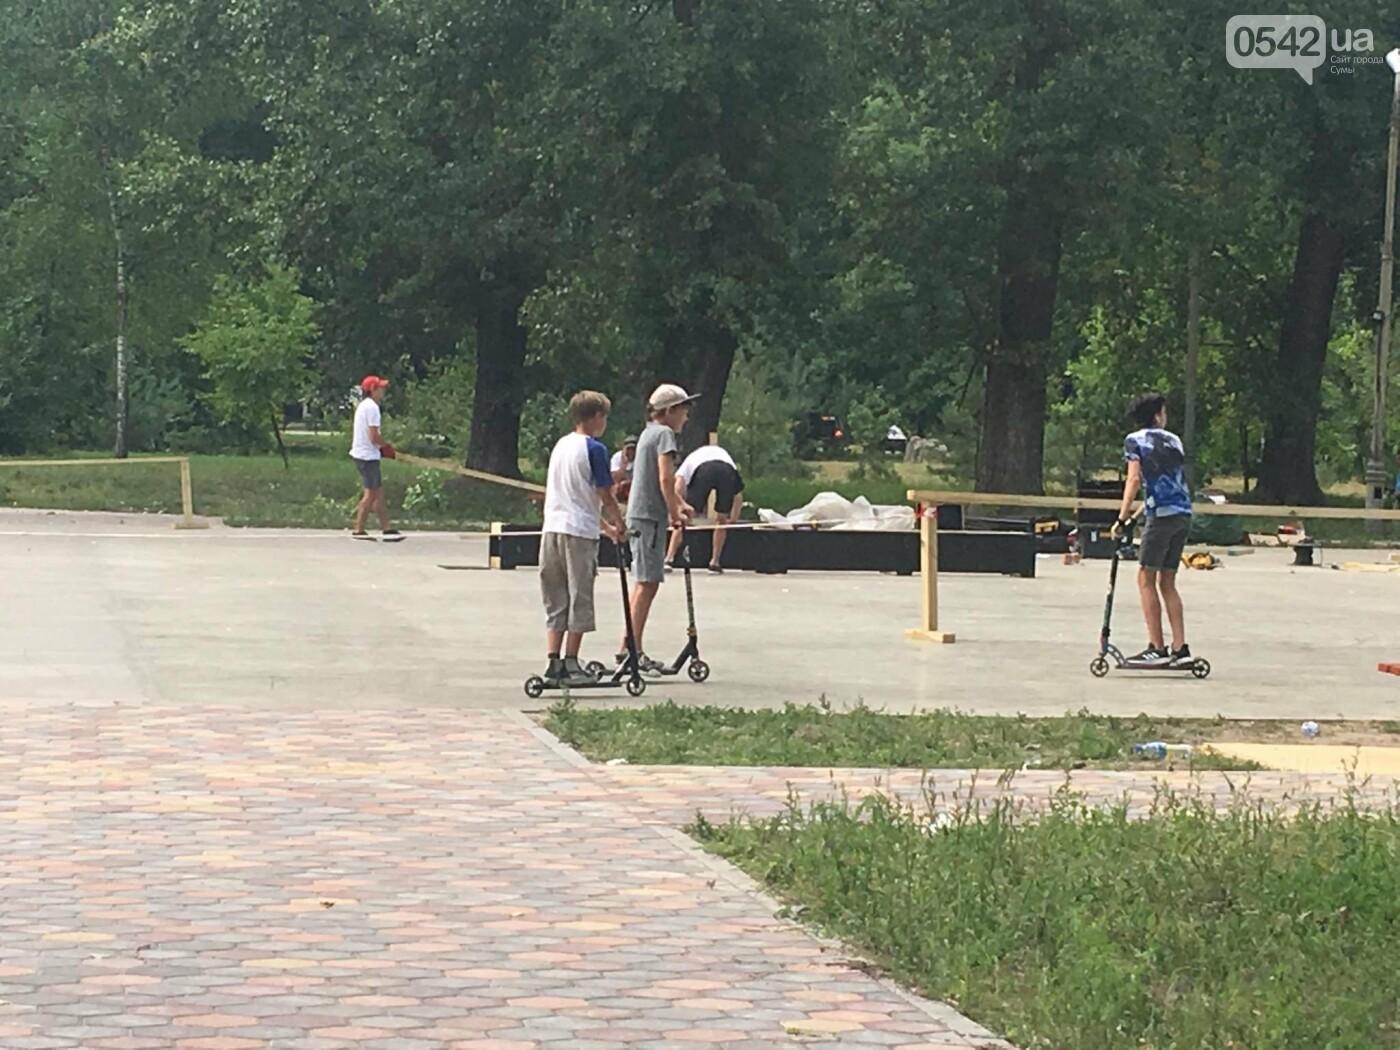 У міському парку у Сумах невдовзі завершать будівництво скейт-парку , фото-5